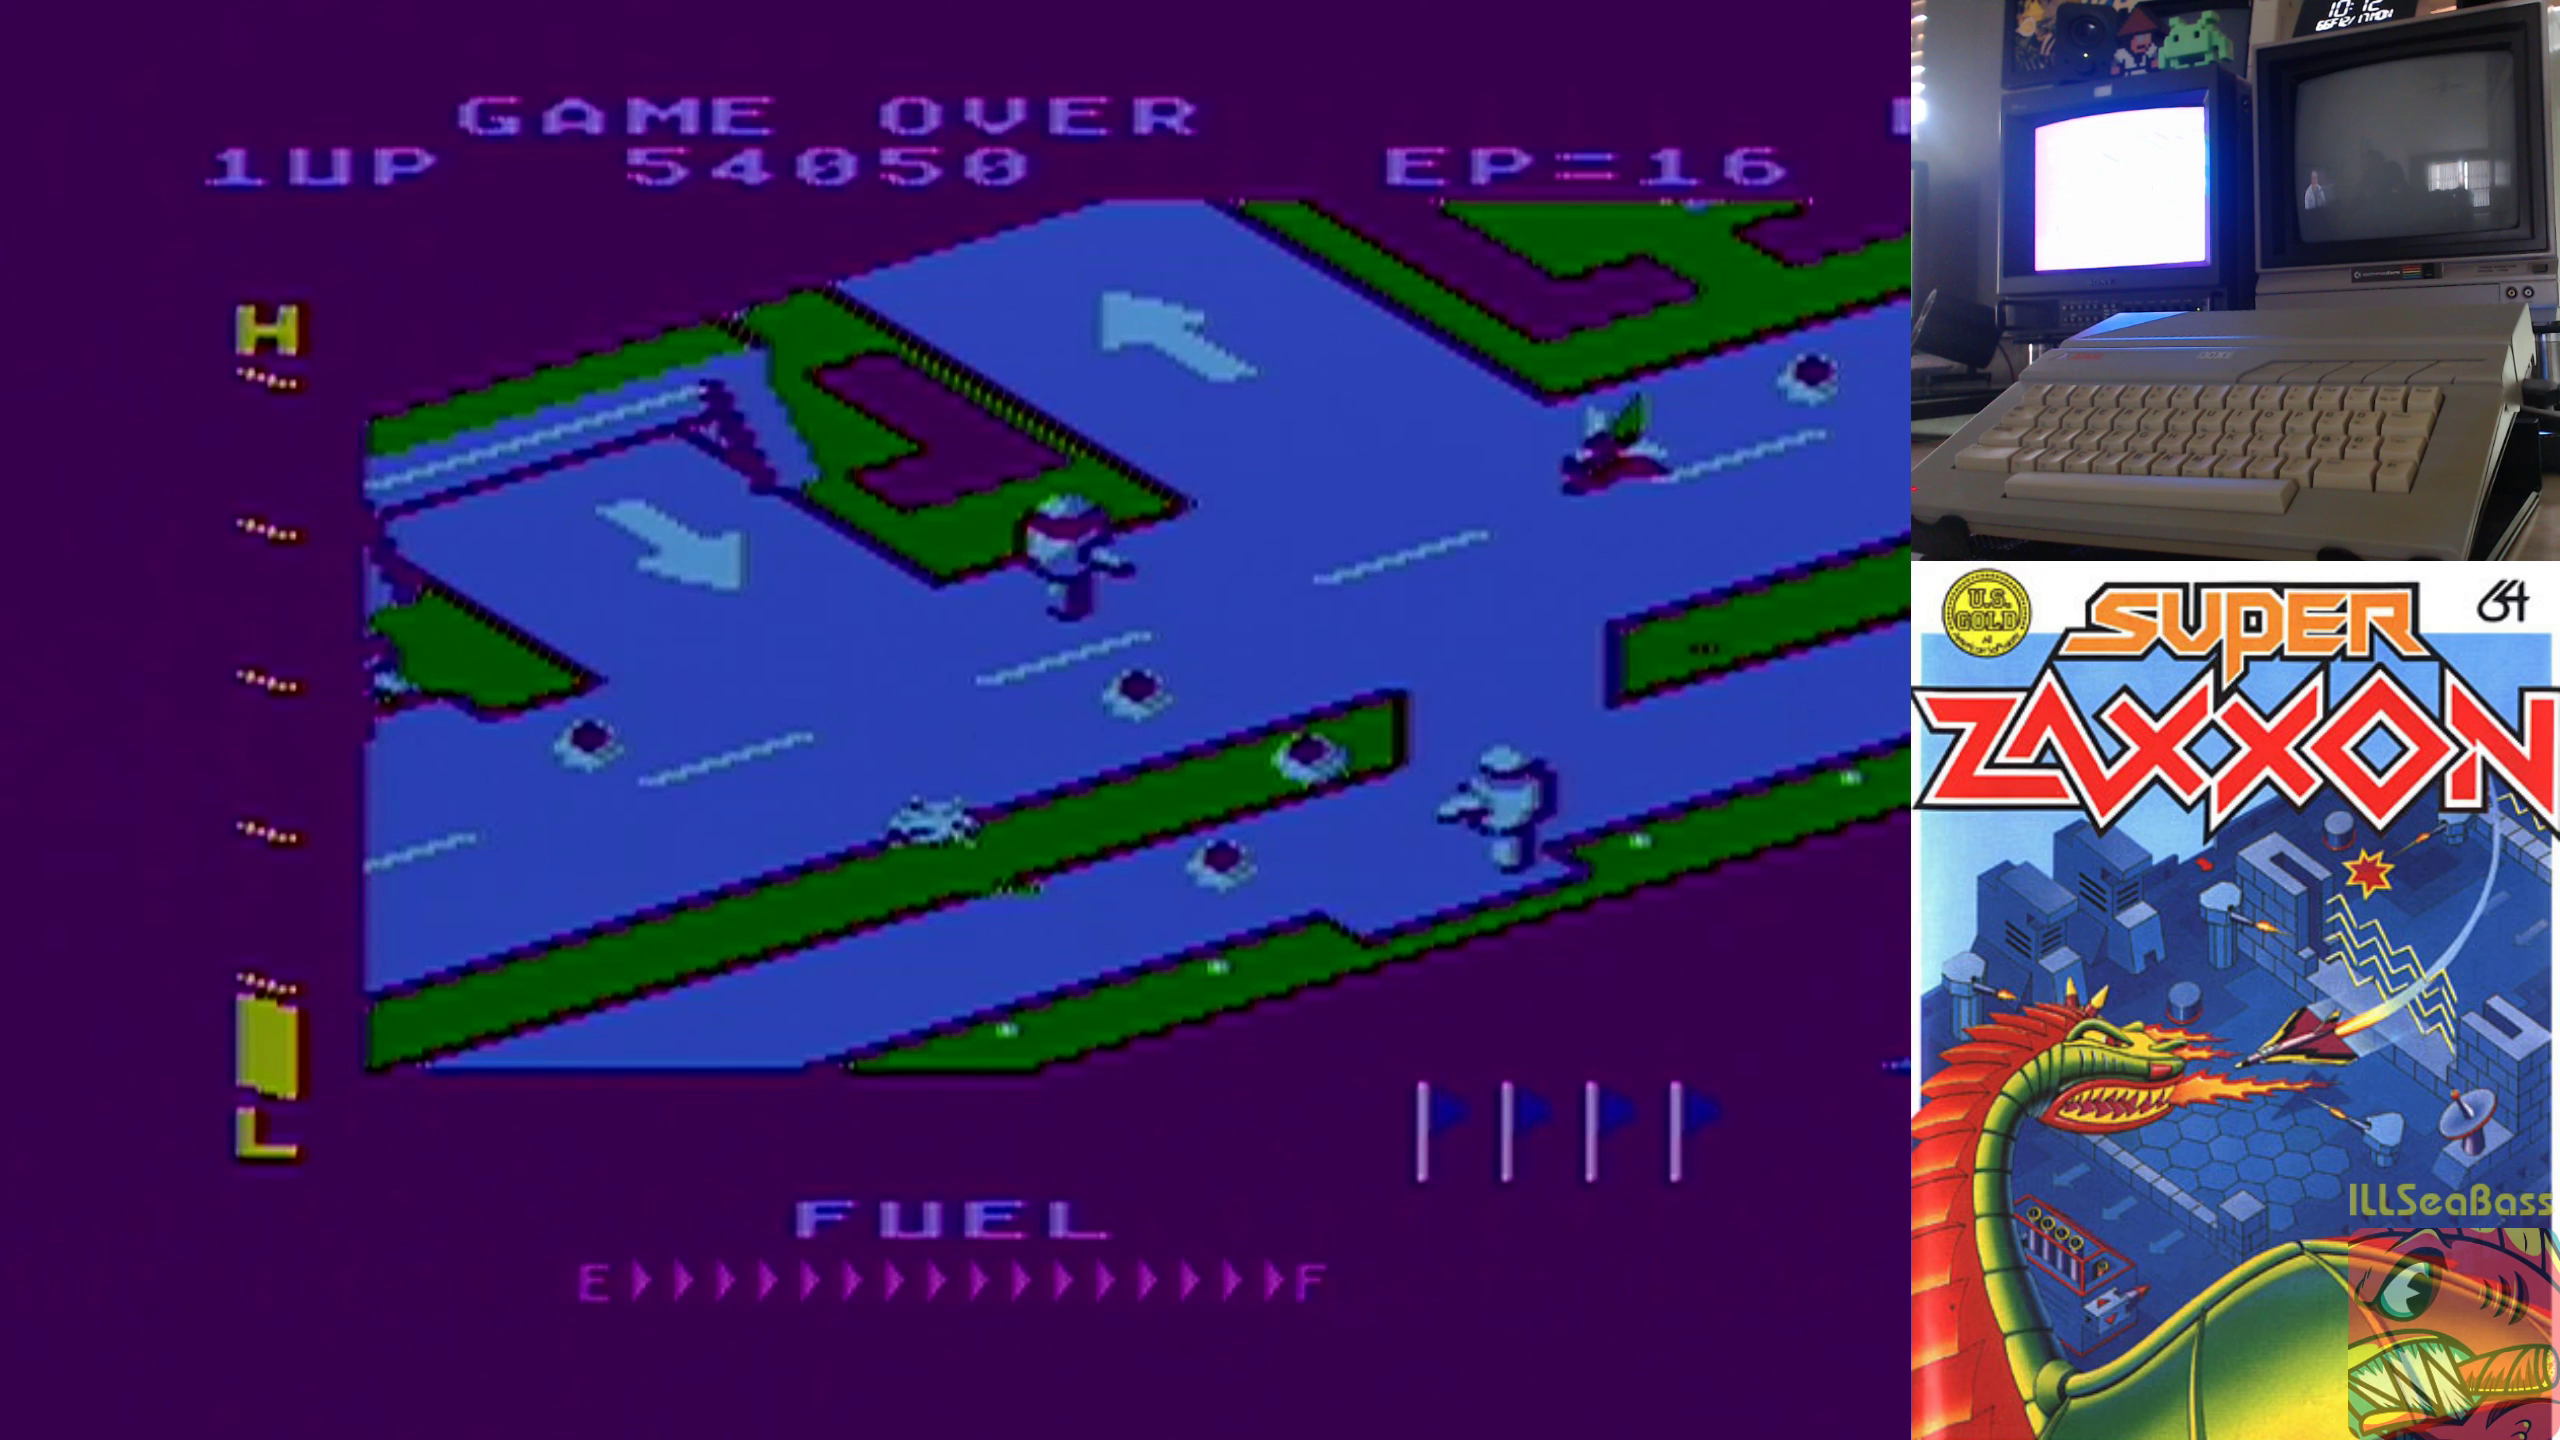 ILLSeaBass: Super Zaxxon (Atari 400/800/XL/XE) 54,050 points on 2018-12-17 14:37:00